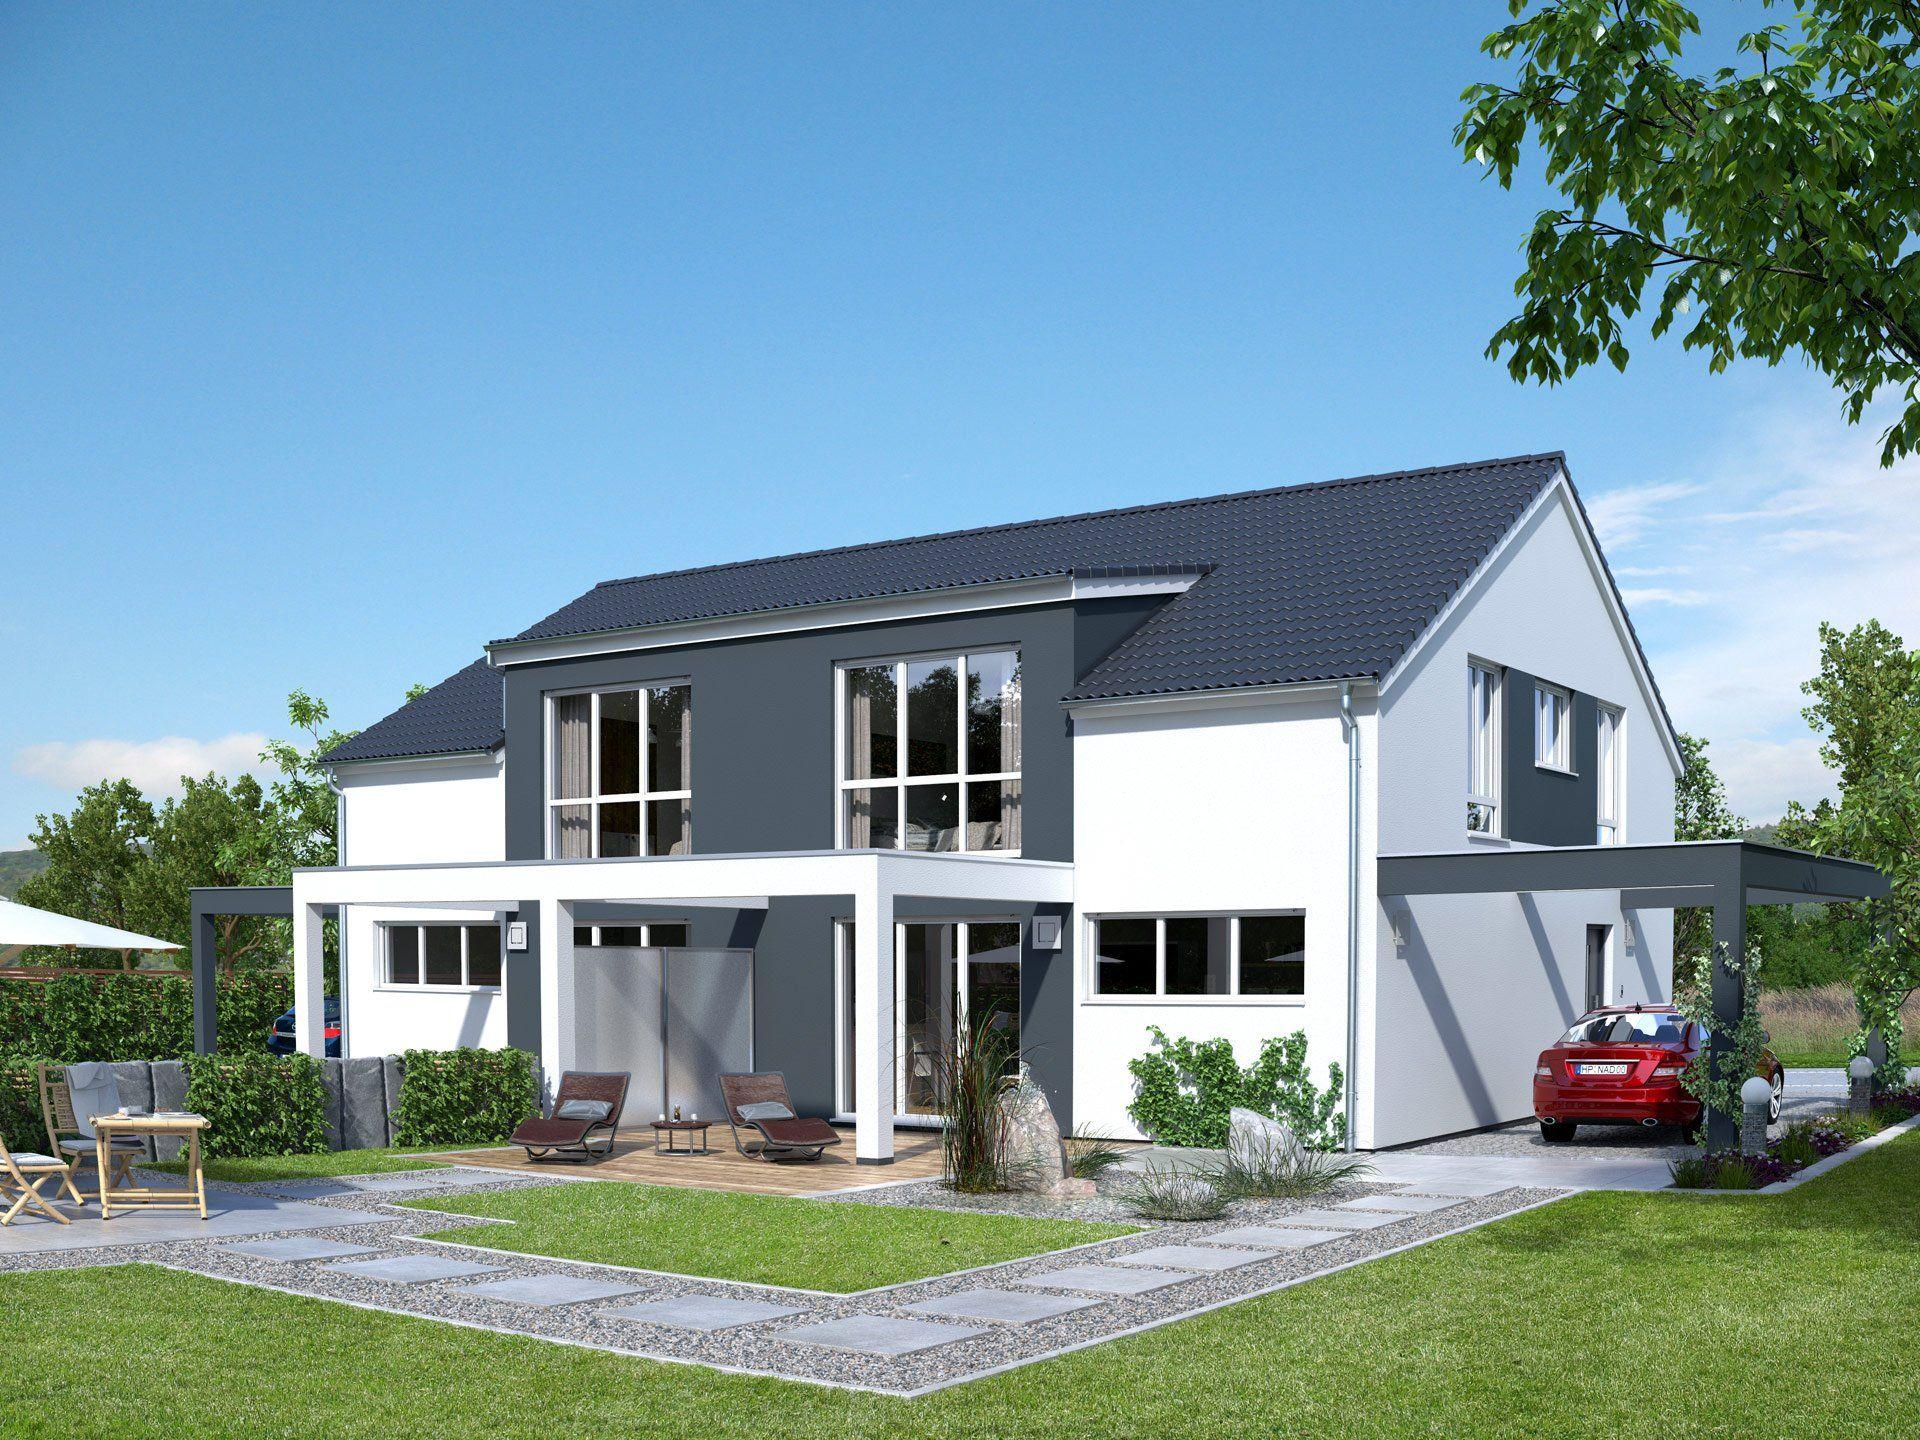 Beispielhaus 14.0 von Ytong Bausatzhaus Haus, Doppelhaus